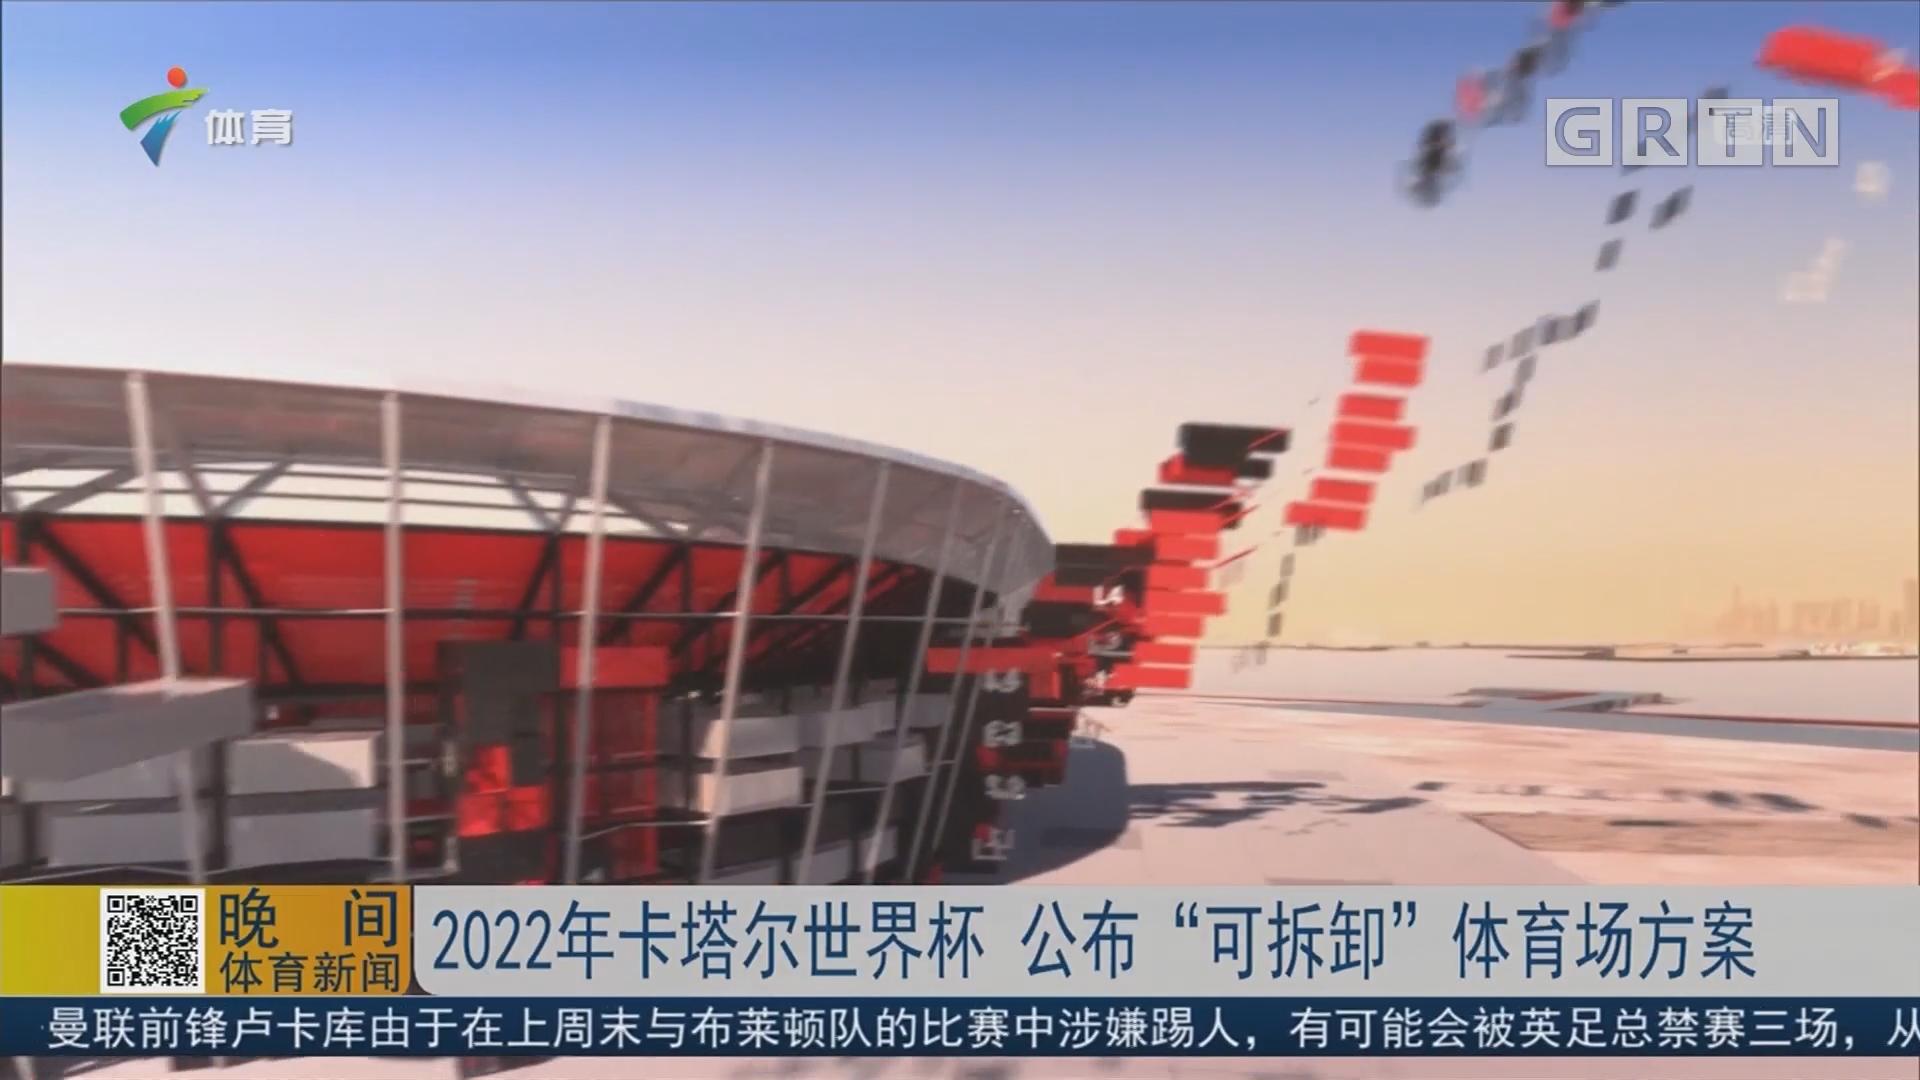 """2022年卡塔尔世界杯 公布""""可拆卸""""体育场方案"""